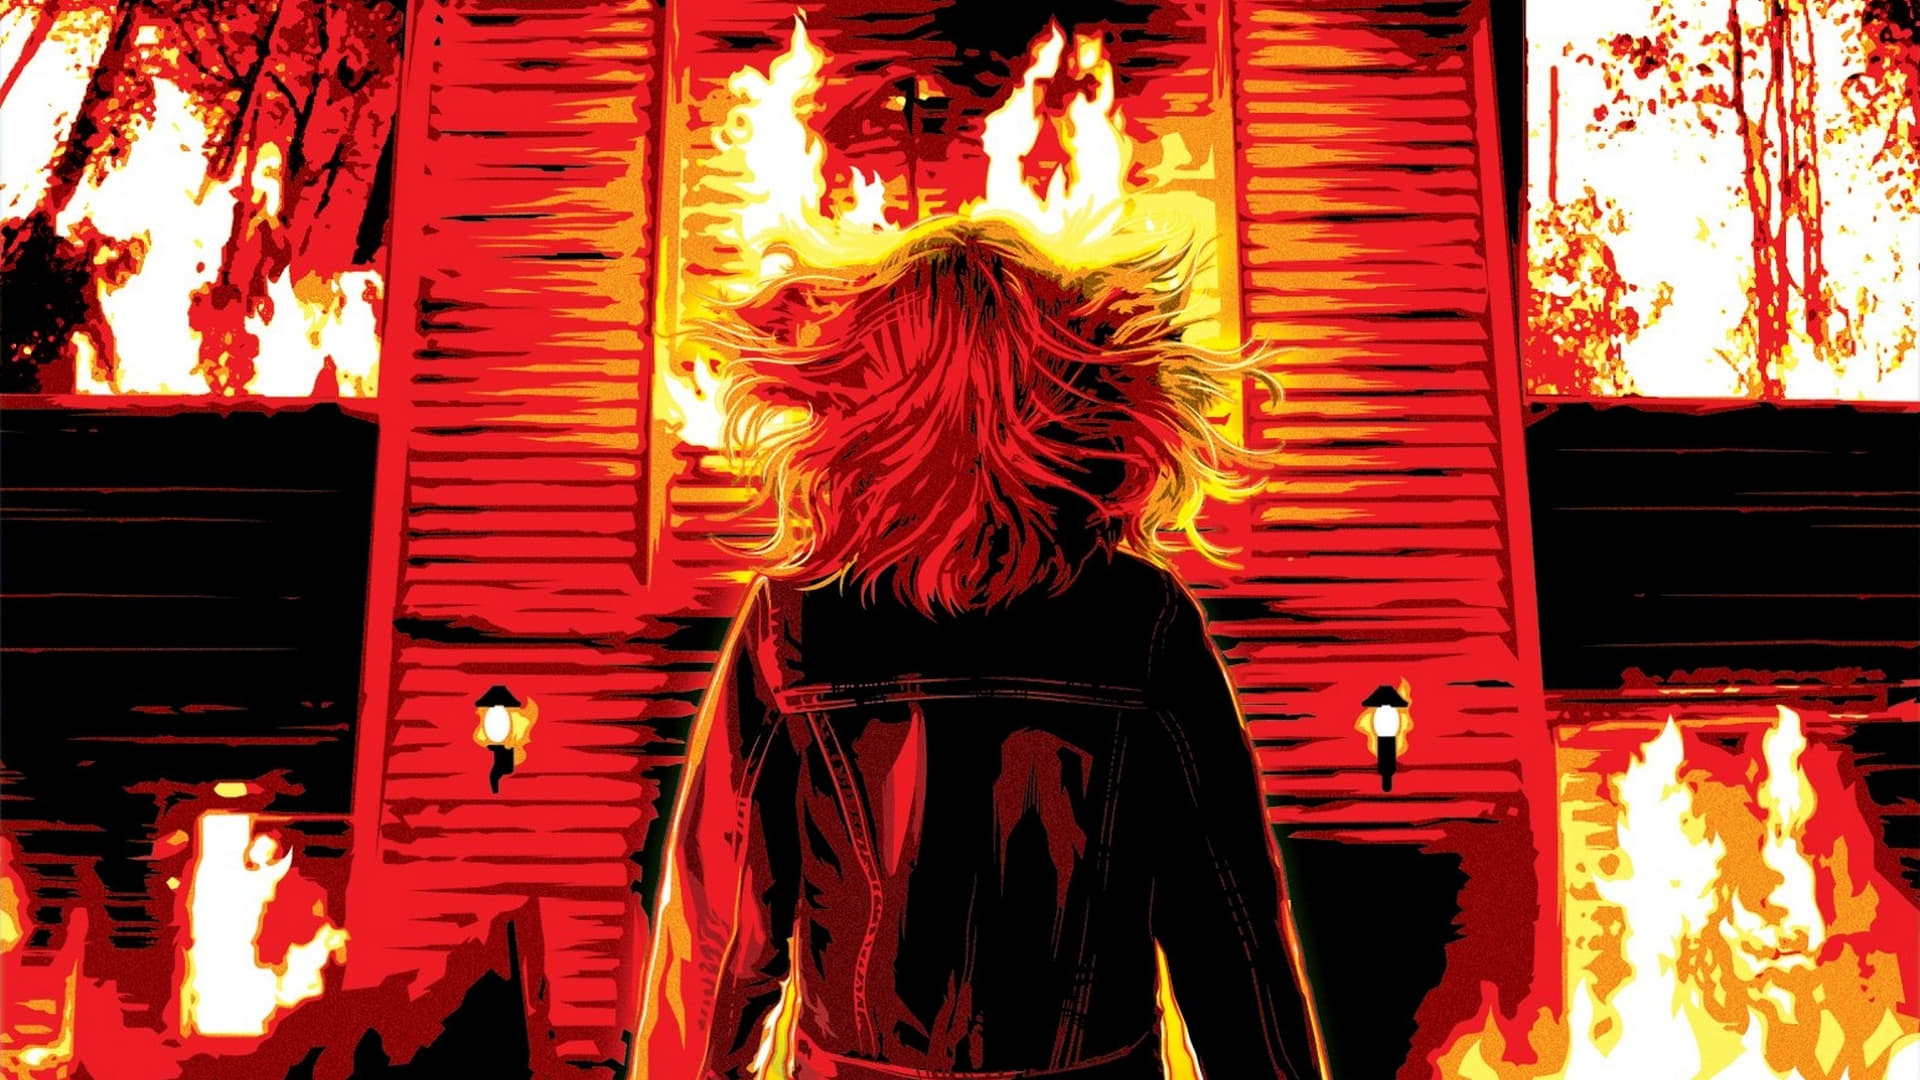 firestarter 1984 az movies